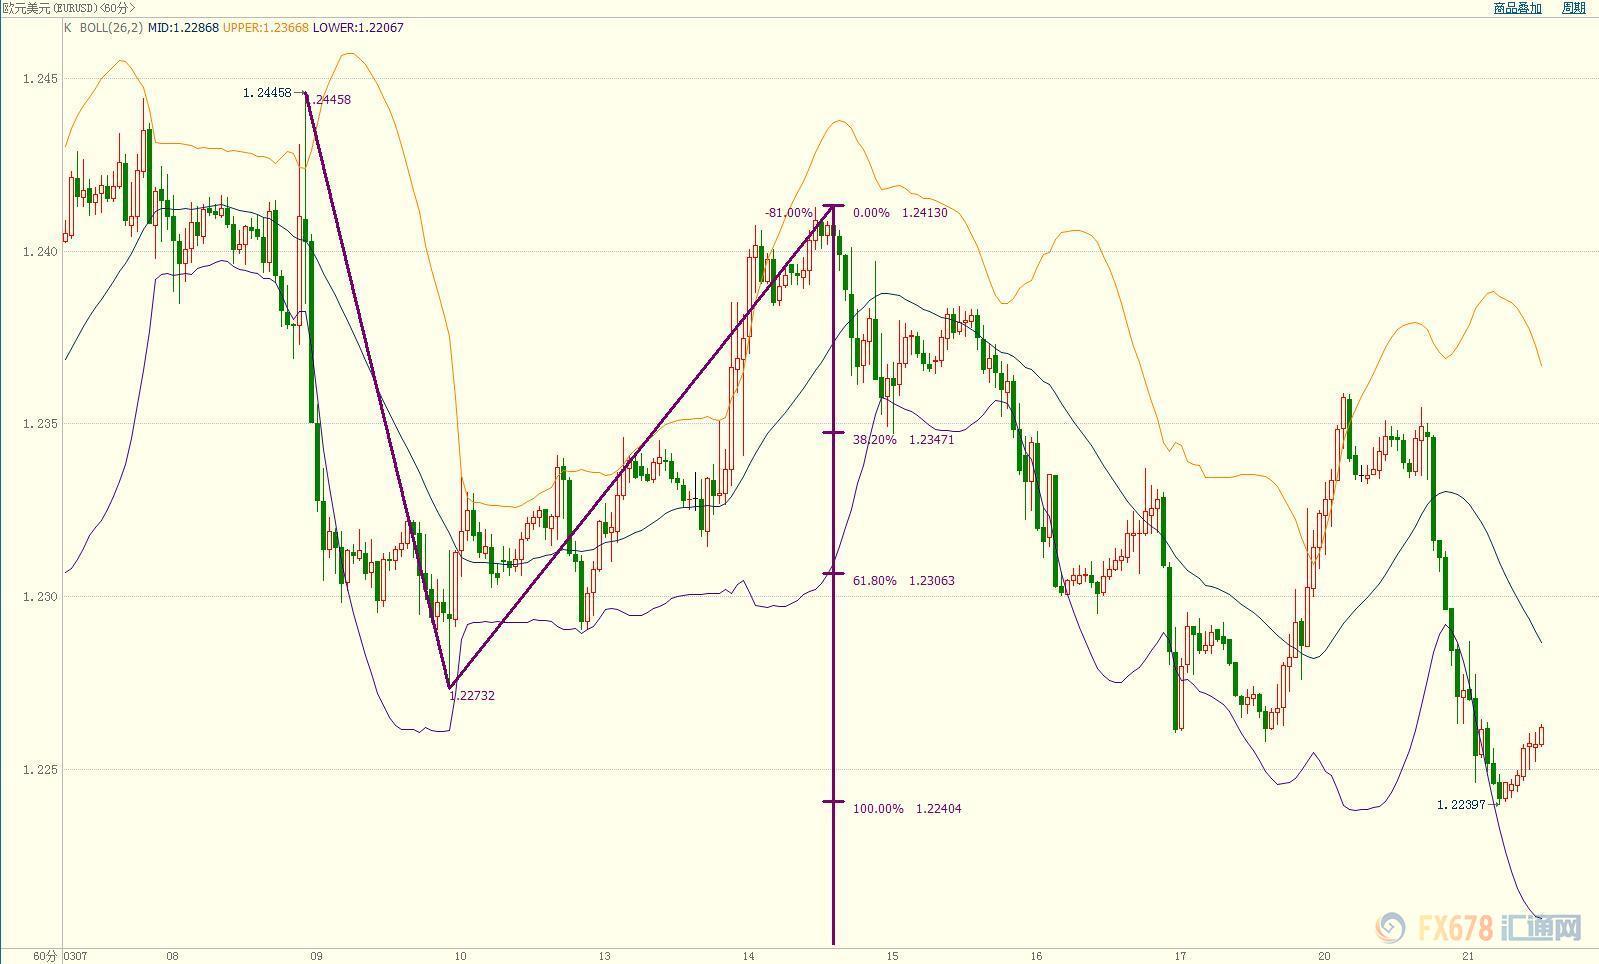 欧元大出血后待恢复元气 美联储是否高抬贵手?